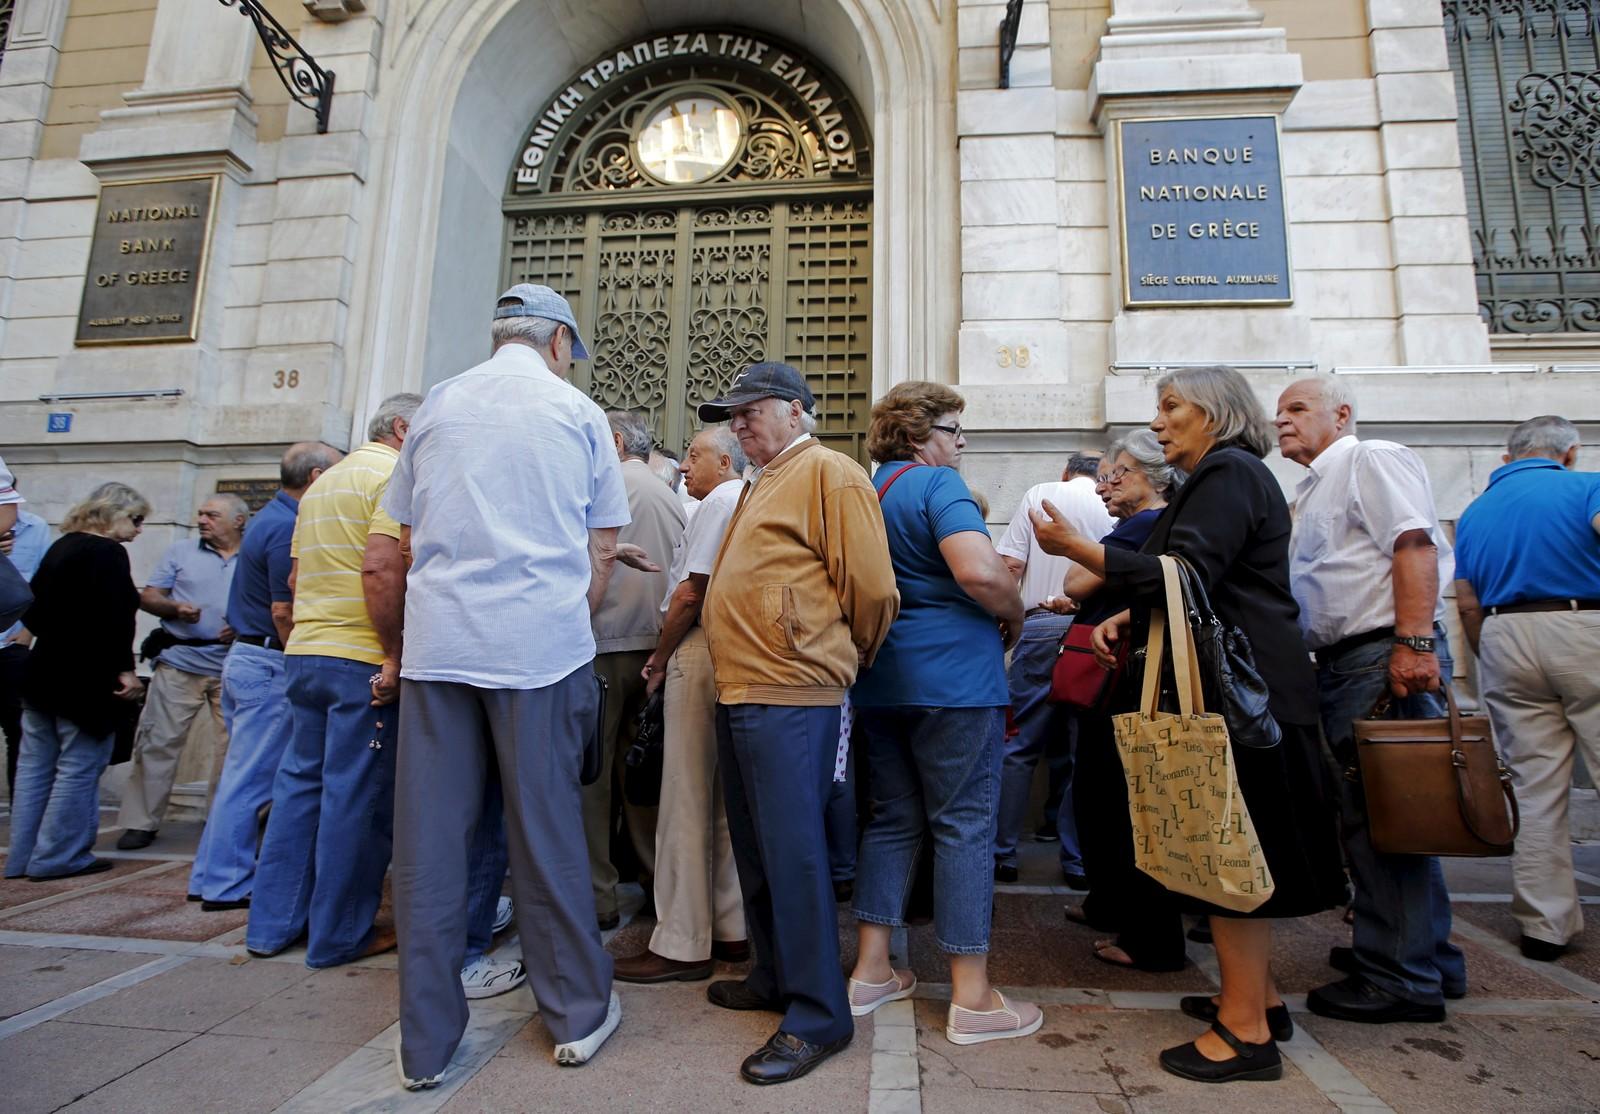 Pensjonister står og venter på å få ta ut penger i en bank i Aten.